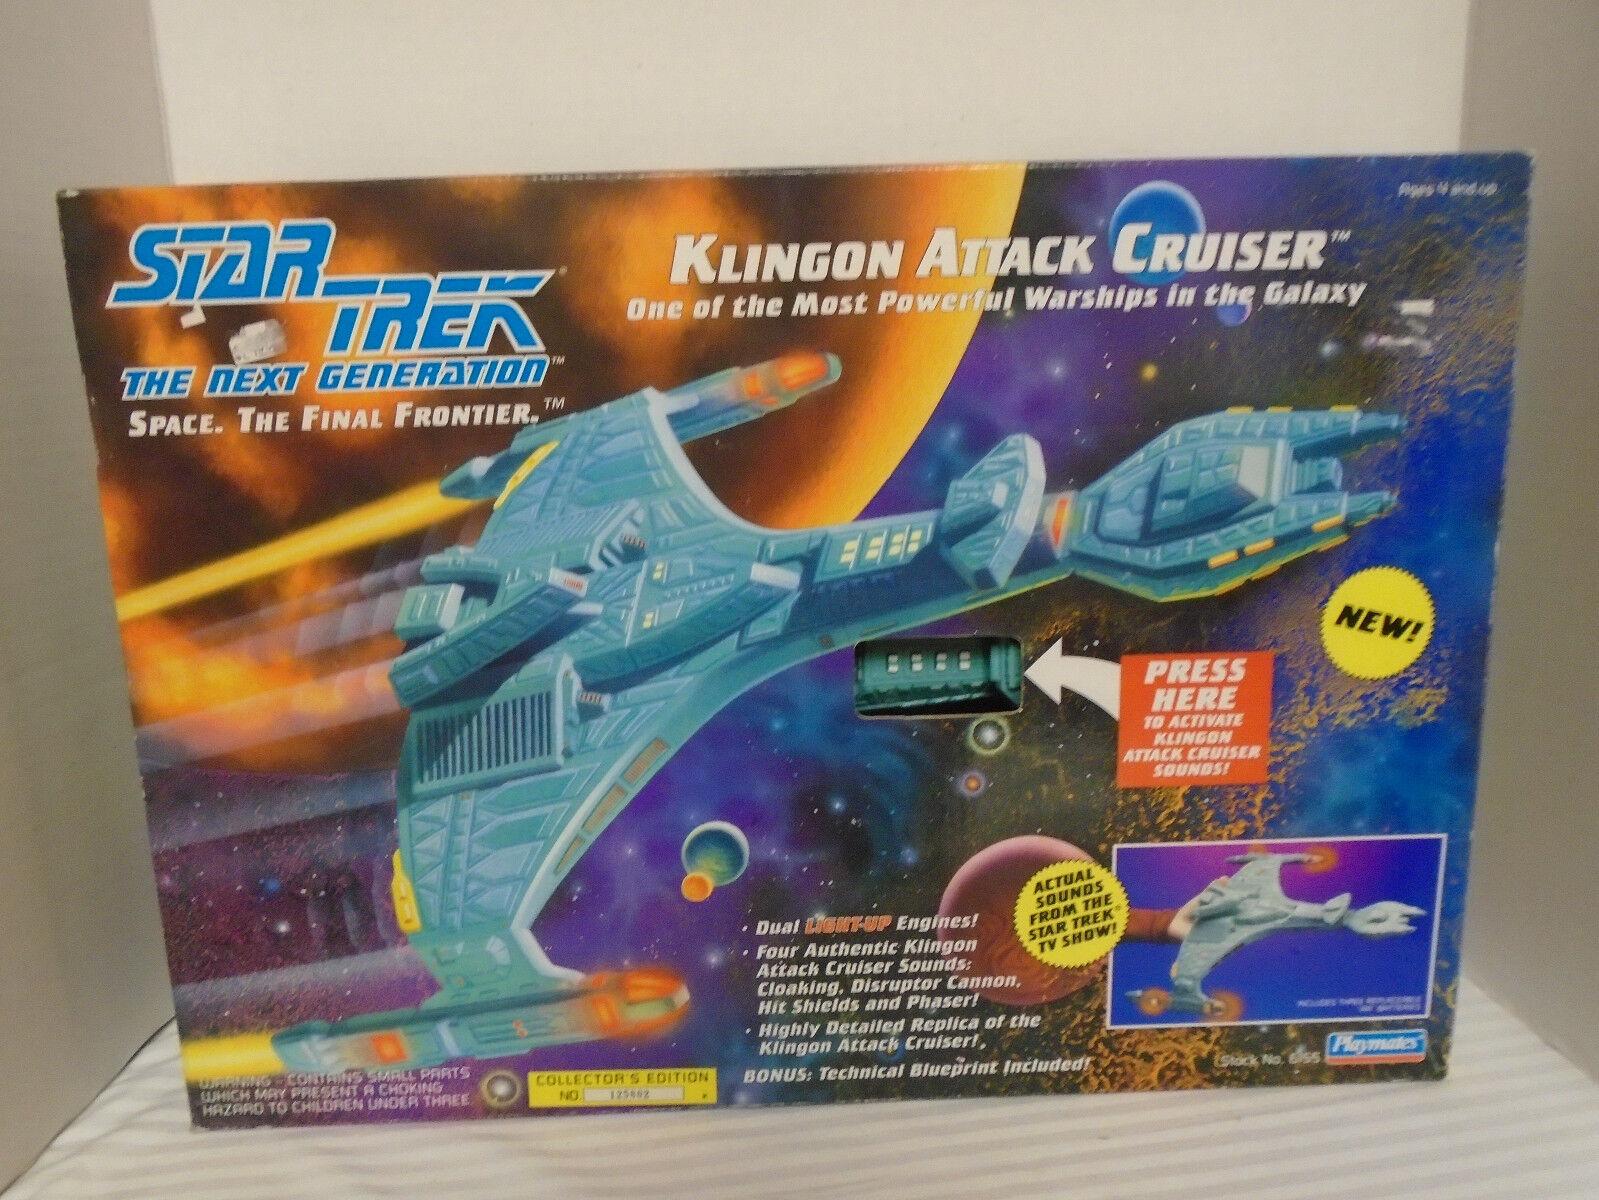 Star Trek La Nueva Generación De Ataque Klingon Cruiser By Playmates